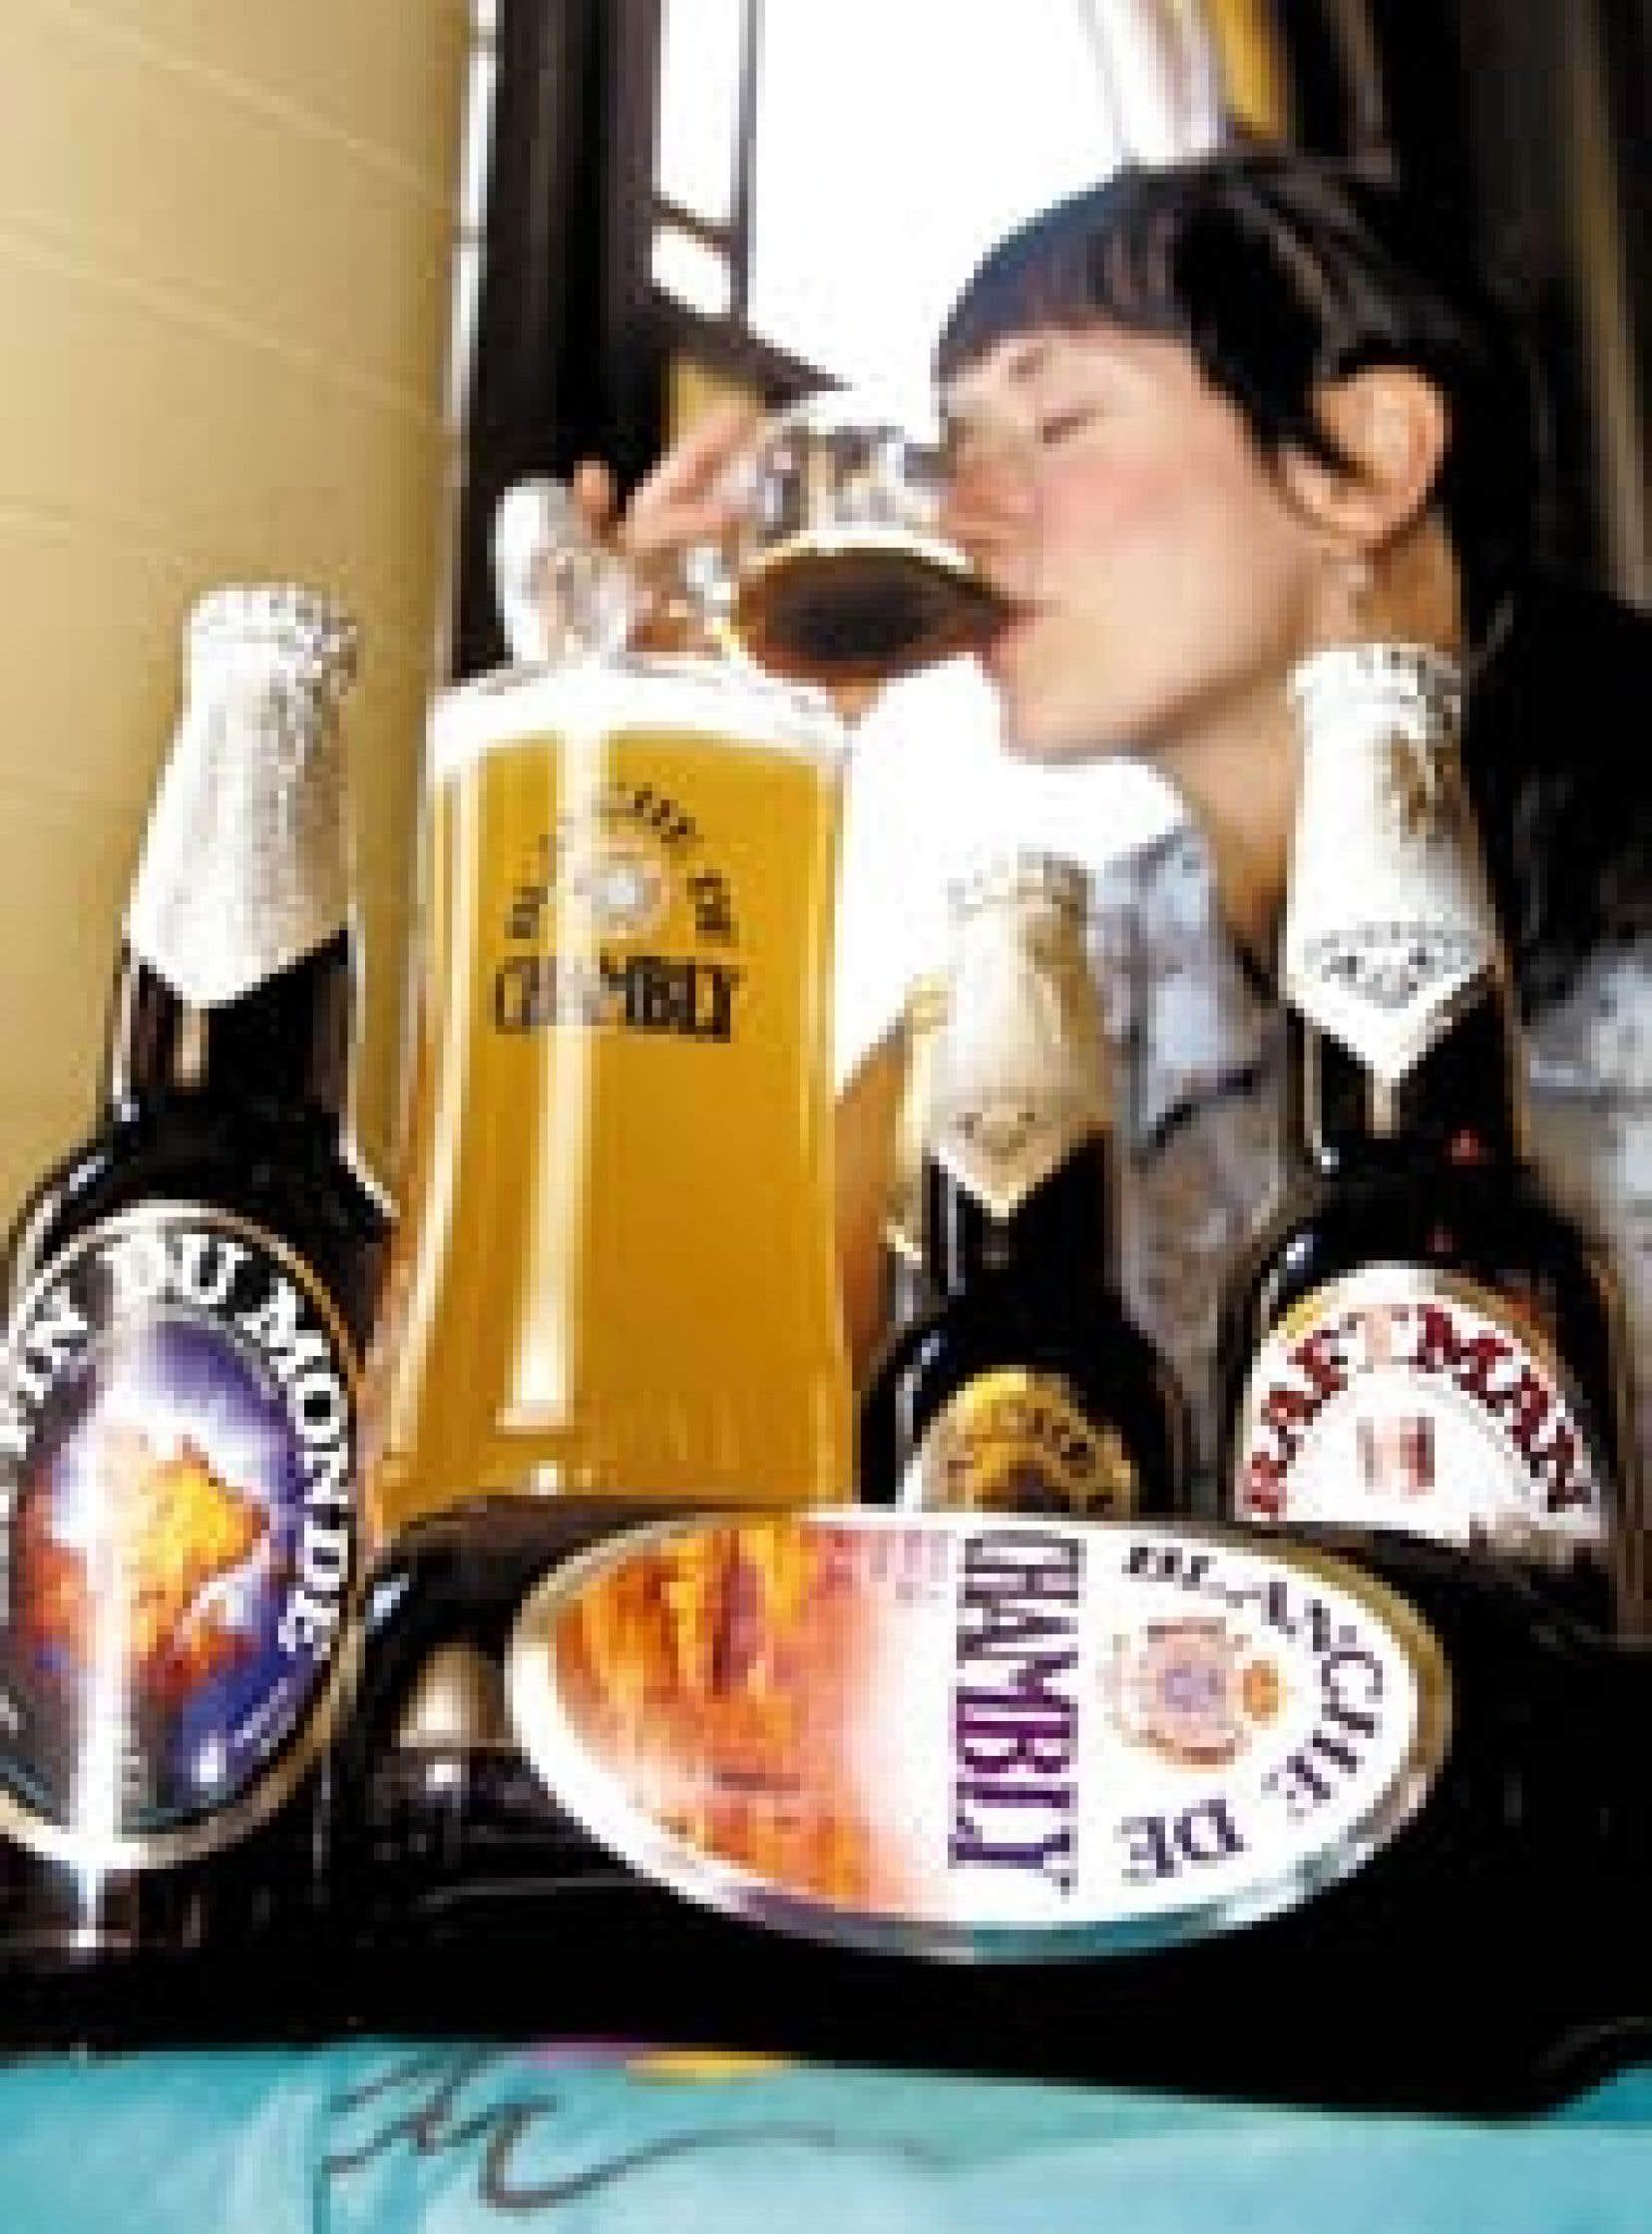 Une amatrice de bières fines, Lydia Laurin, déguste une Trois Pistoles, d'Unibroue, au bar-resto Bières et Compagnie, à Montréal. La micro-brasserie de Chambly est passée hier à des intérêts ontariens pour une somme de 36,5 millions.